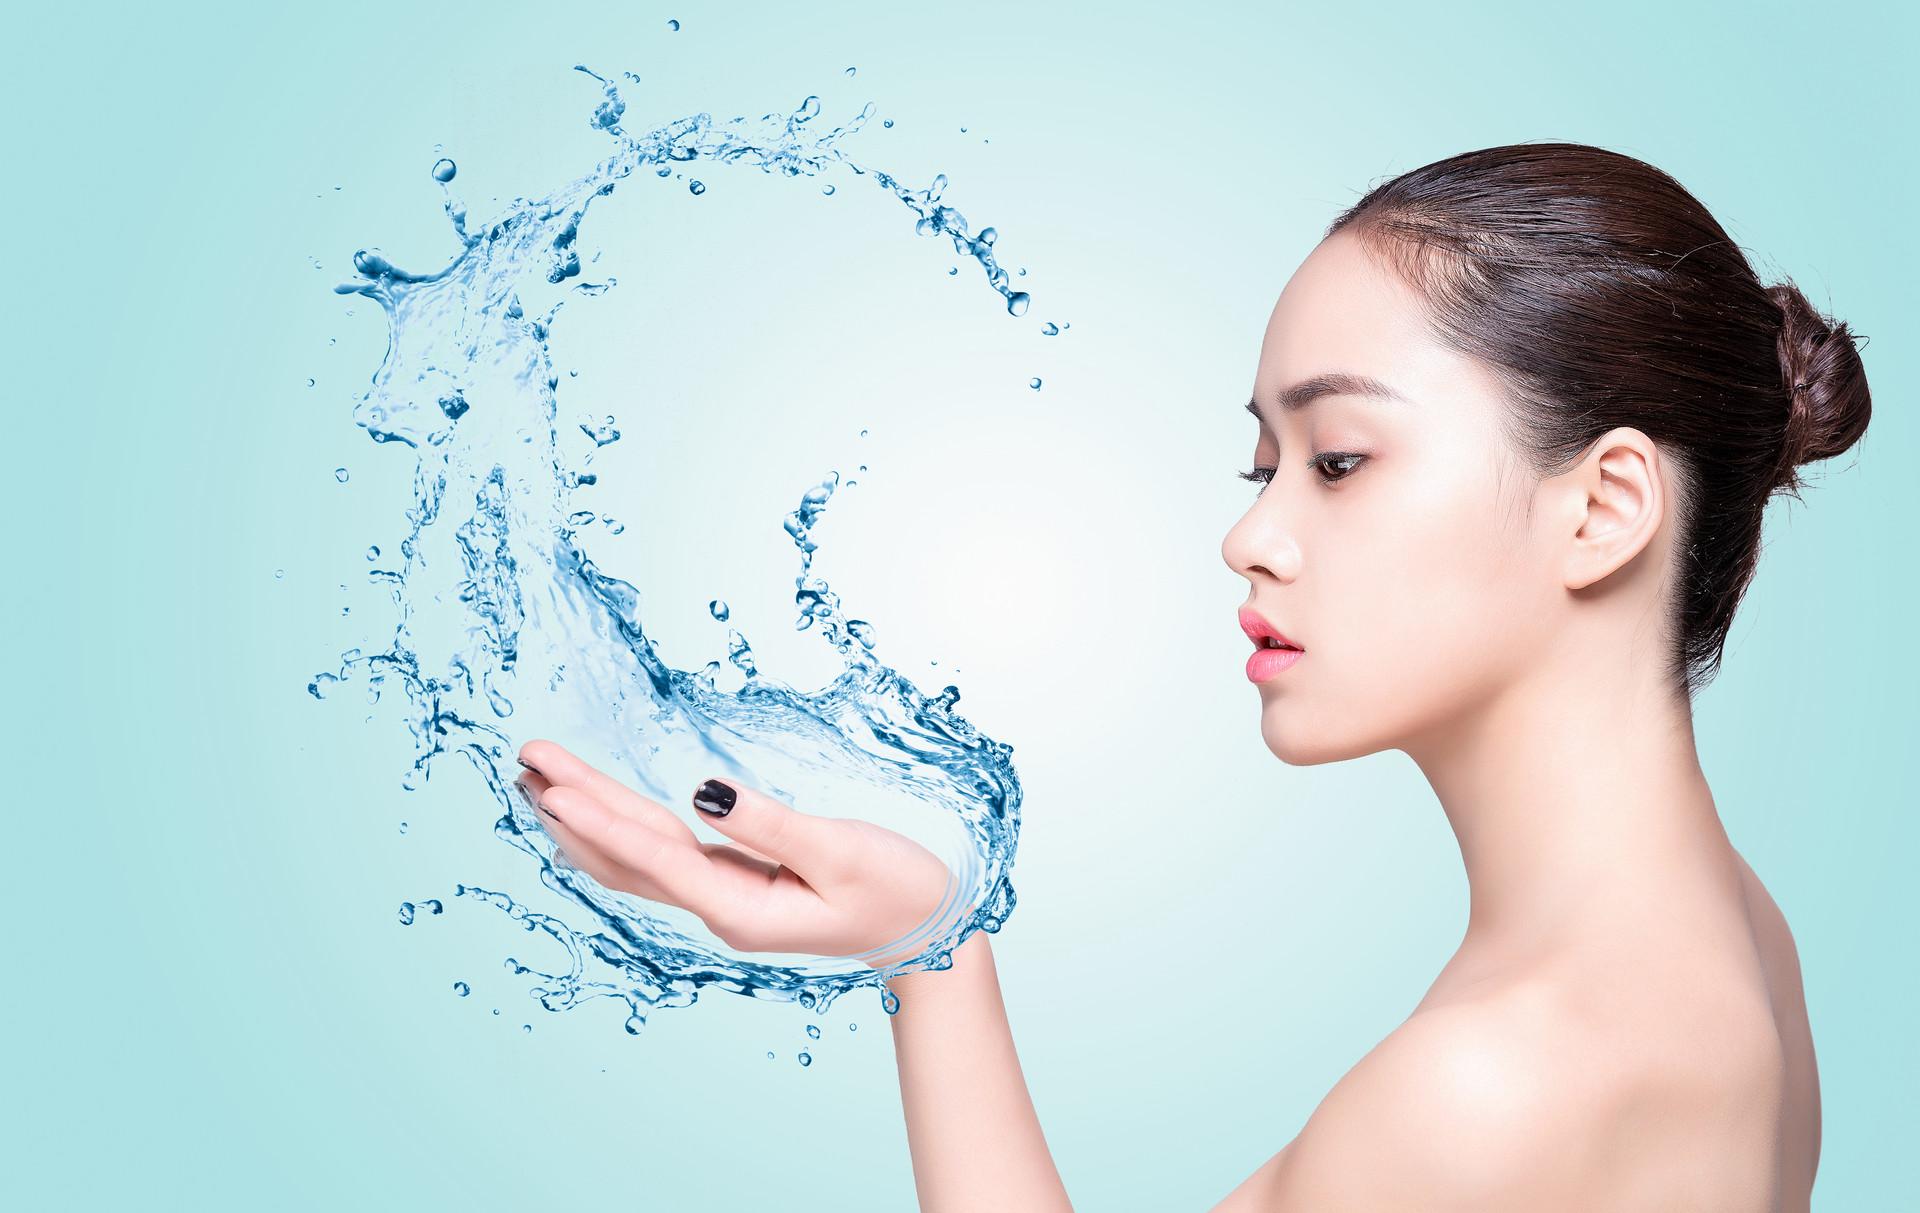 教你如何保湿,皮肤水润有光泽!